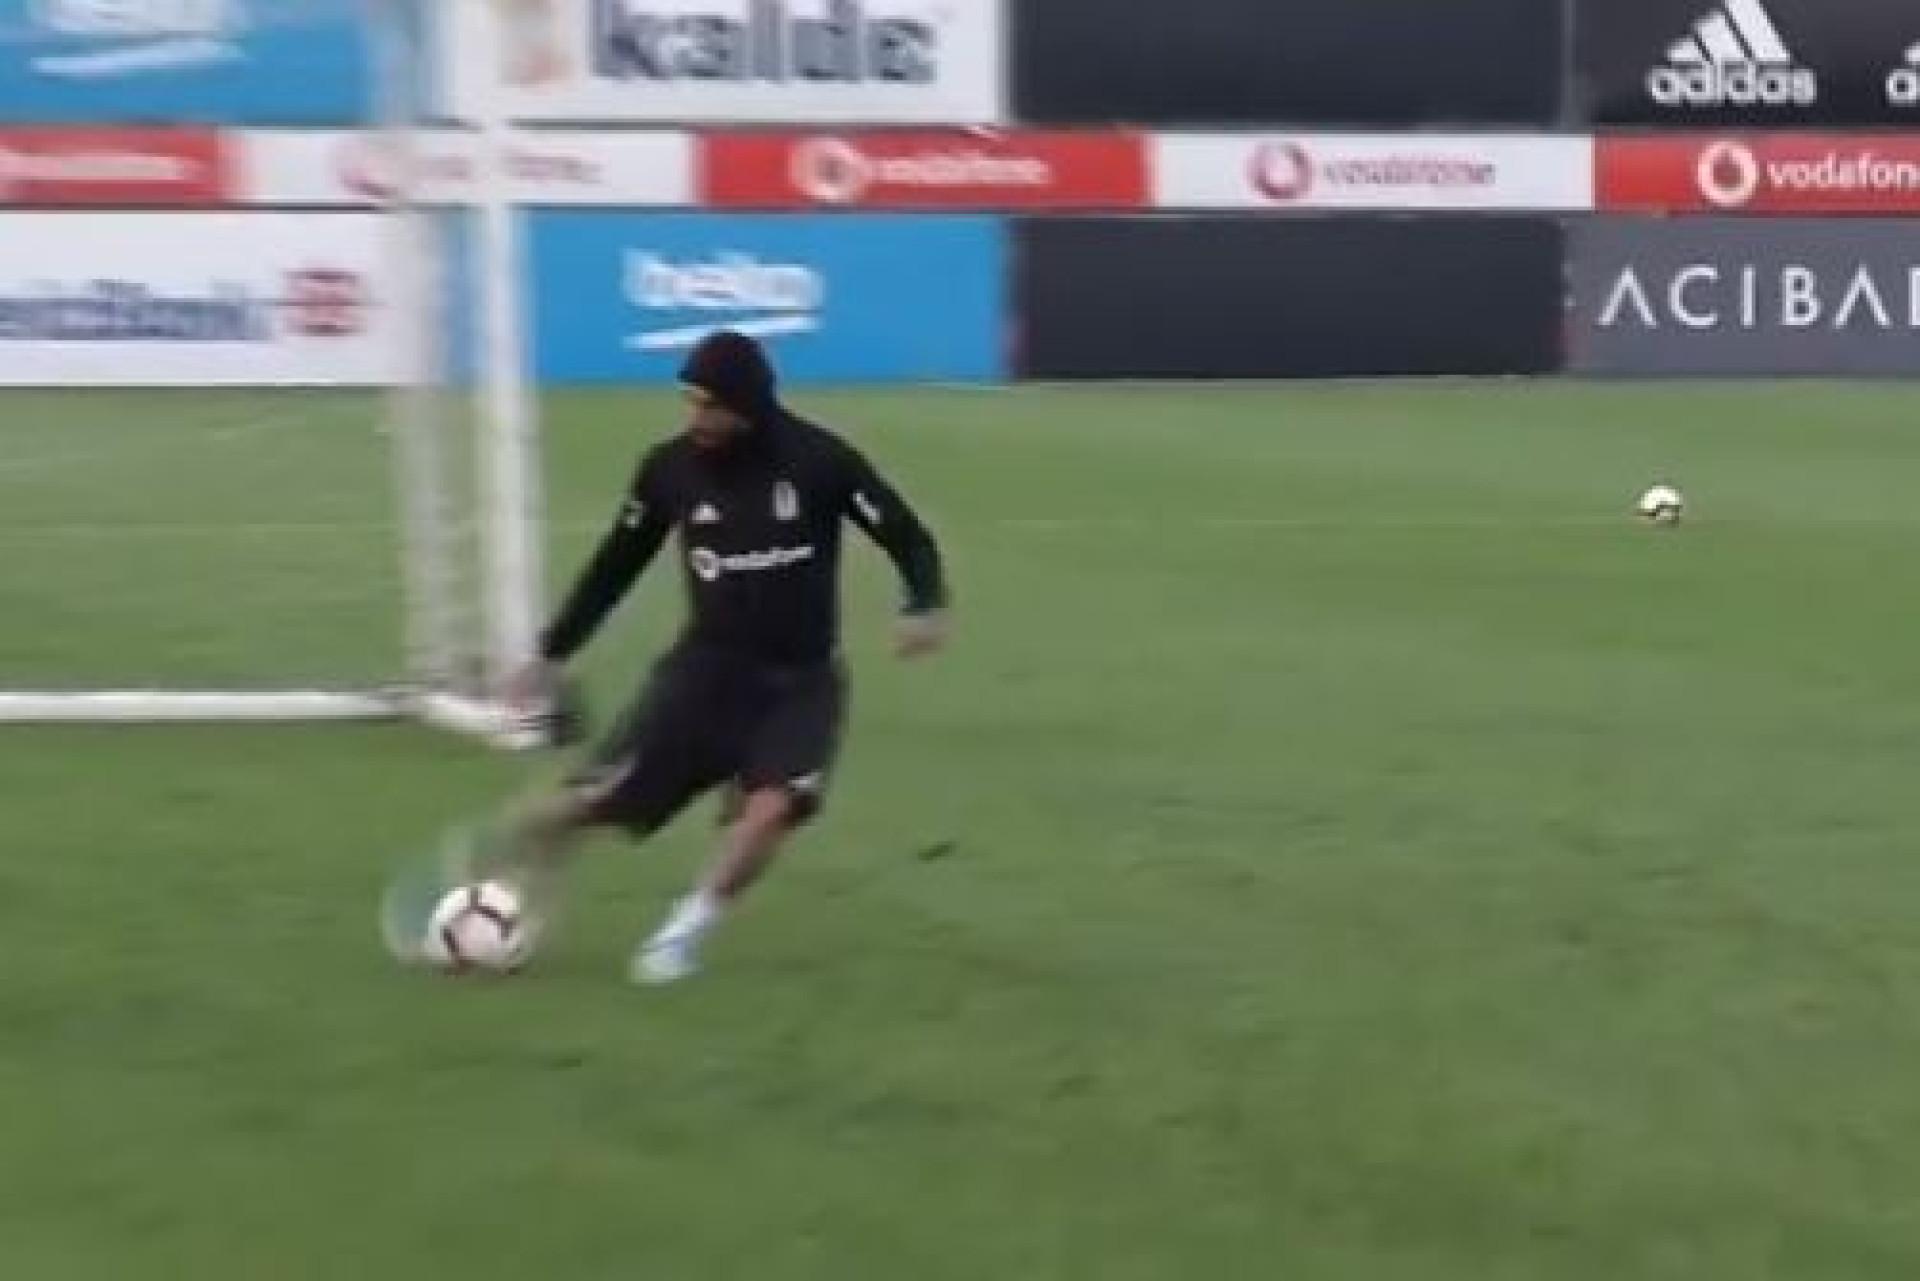 Até nos treinos Quaresma 'apaixona'... com golos de levantar o estádio